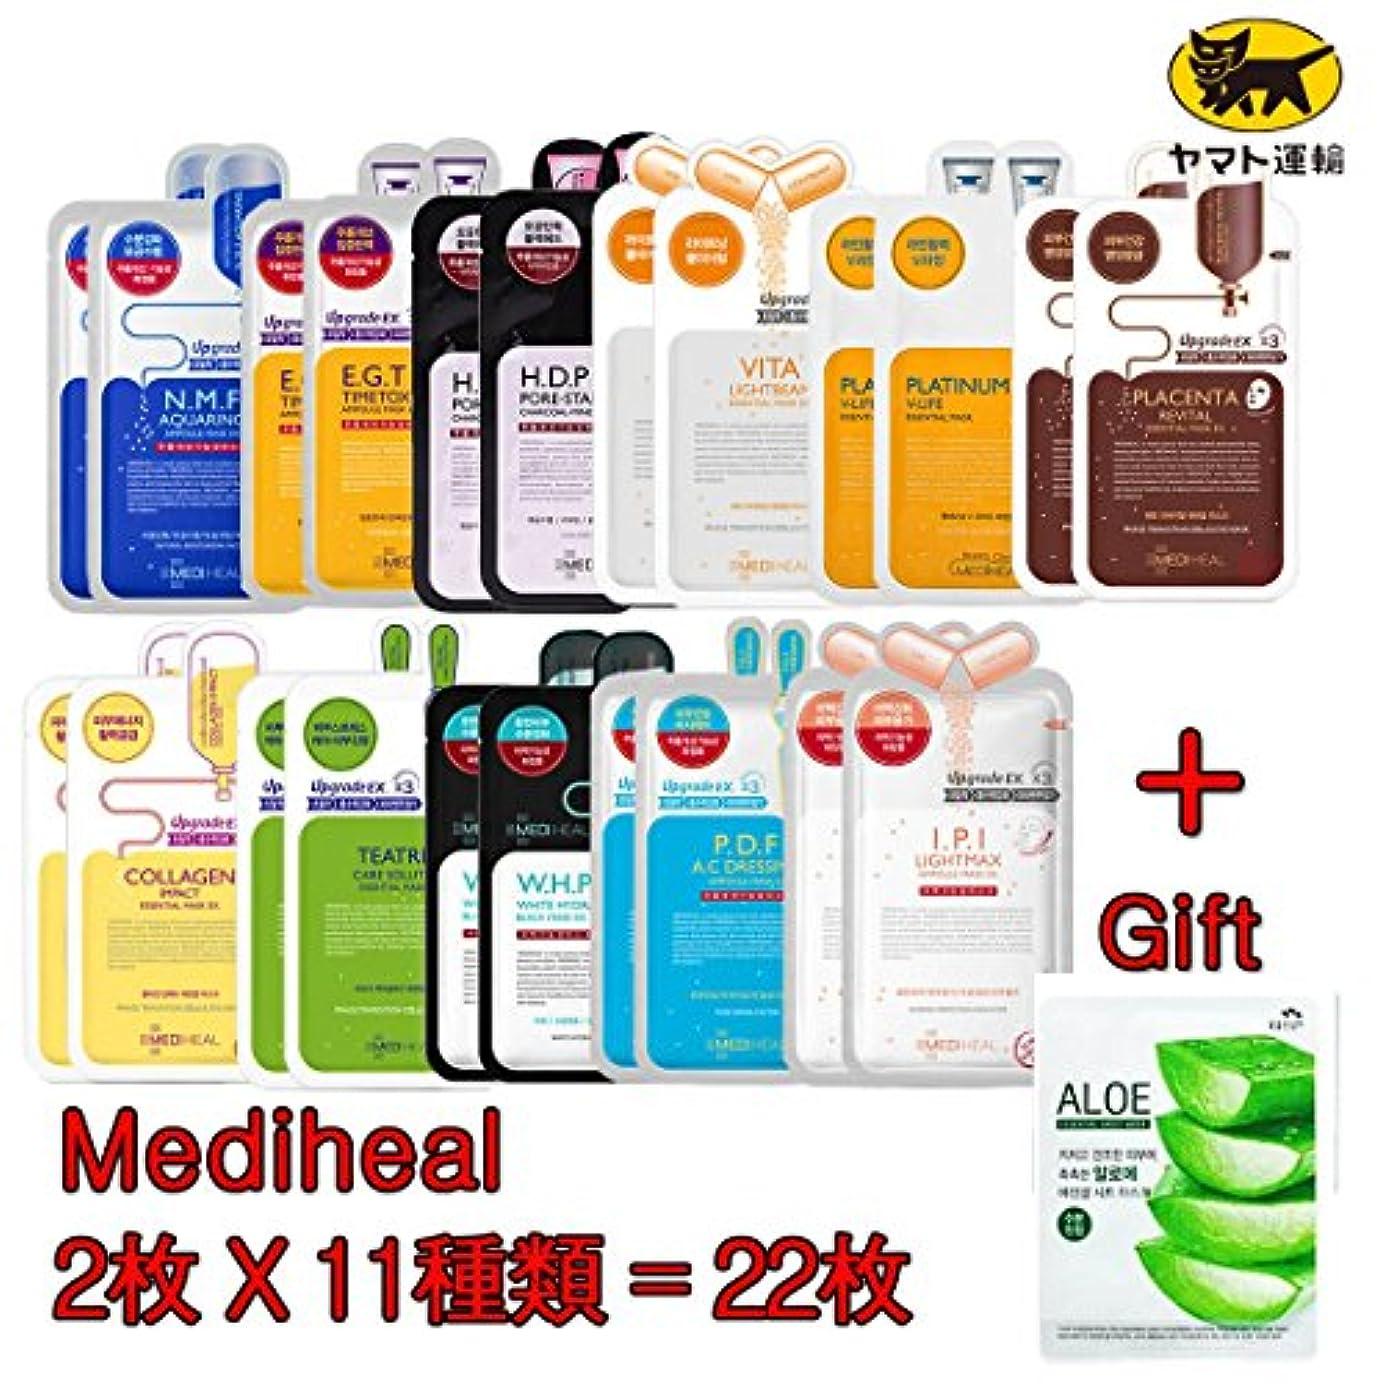 天皇マーキーランドマークメディヒール(Mediheal) 11種類 X 各2枚ずつ = 全22枚 + Aloe Mask Pack